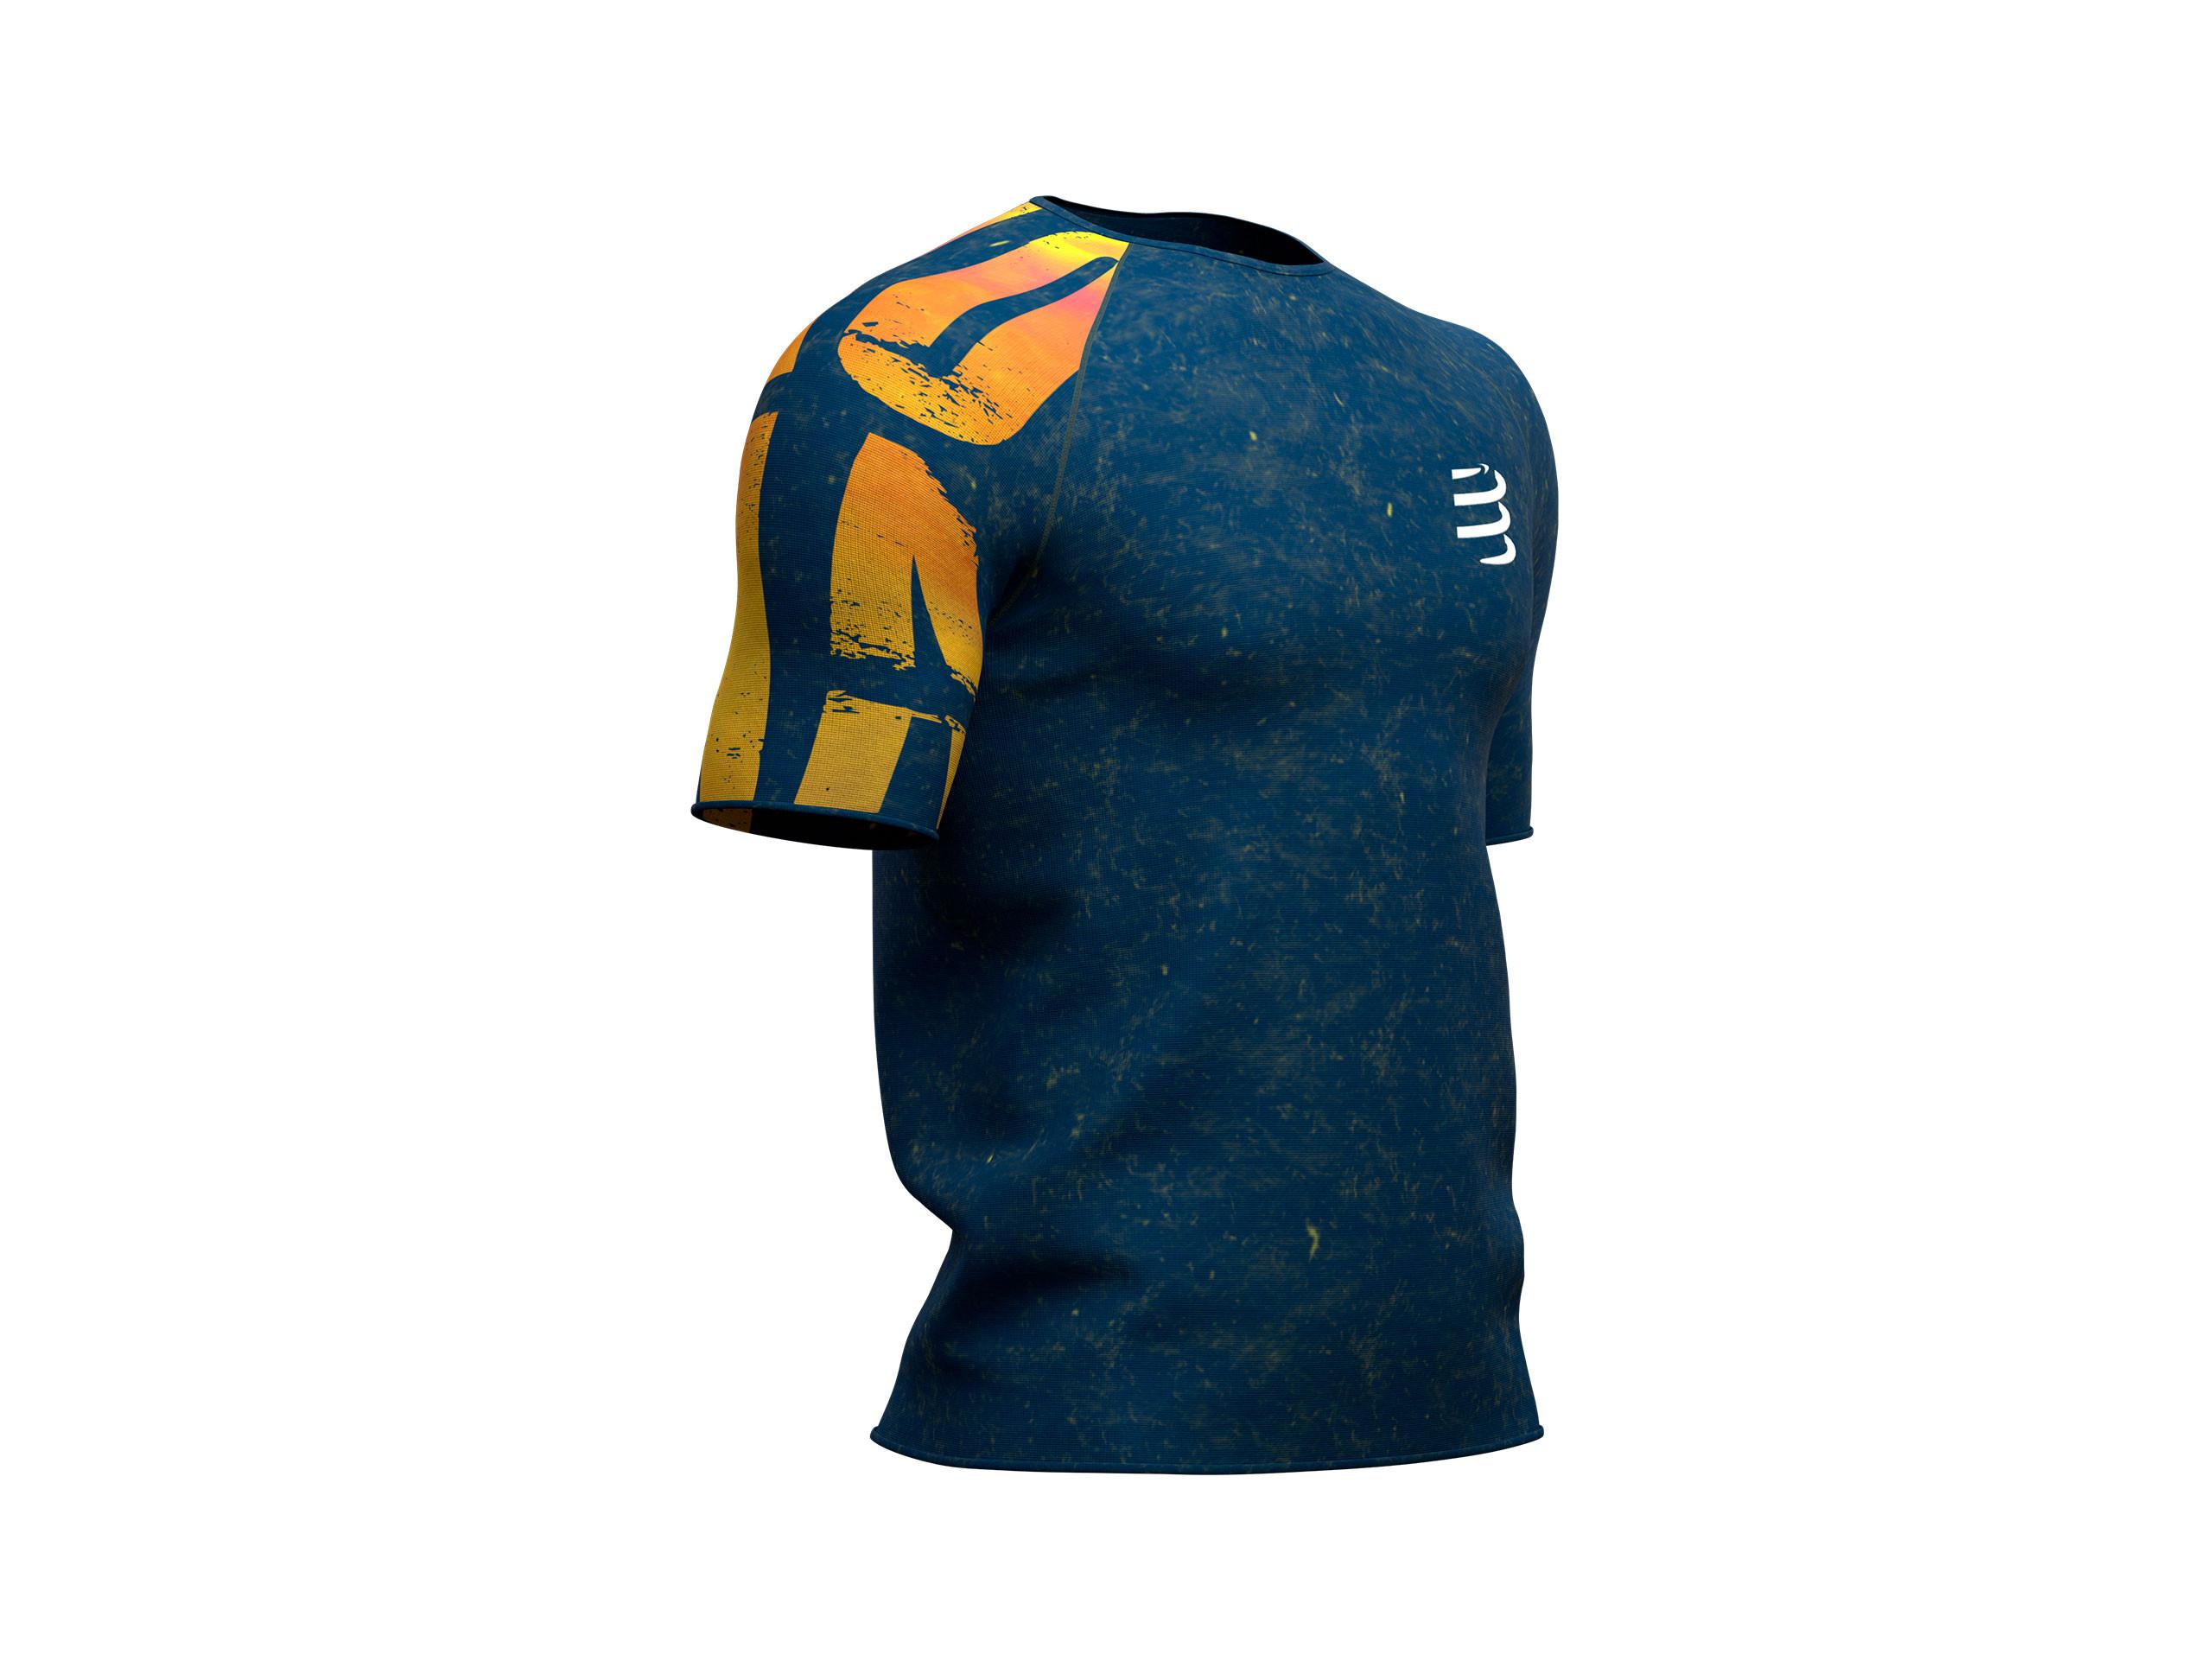 Camiseta de entrenamiento MC - Kona 2019